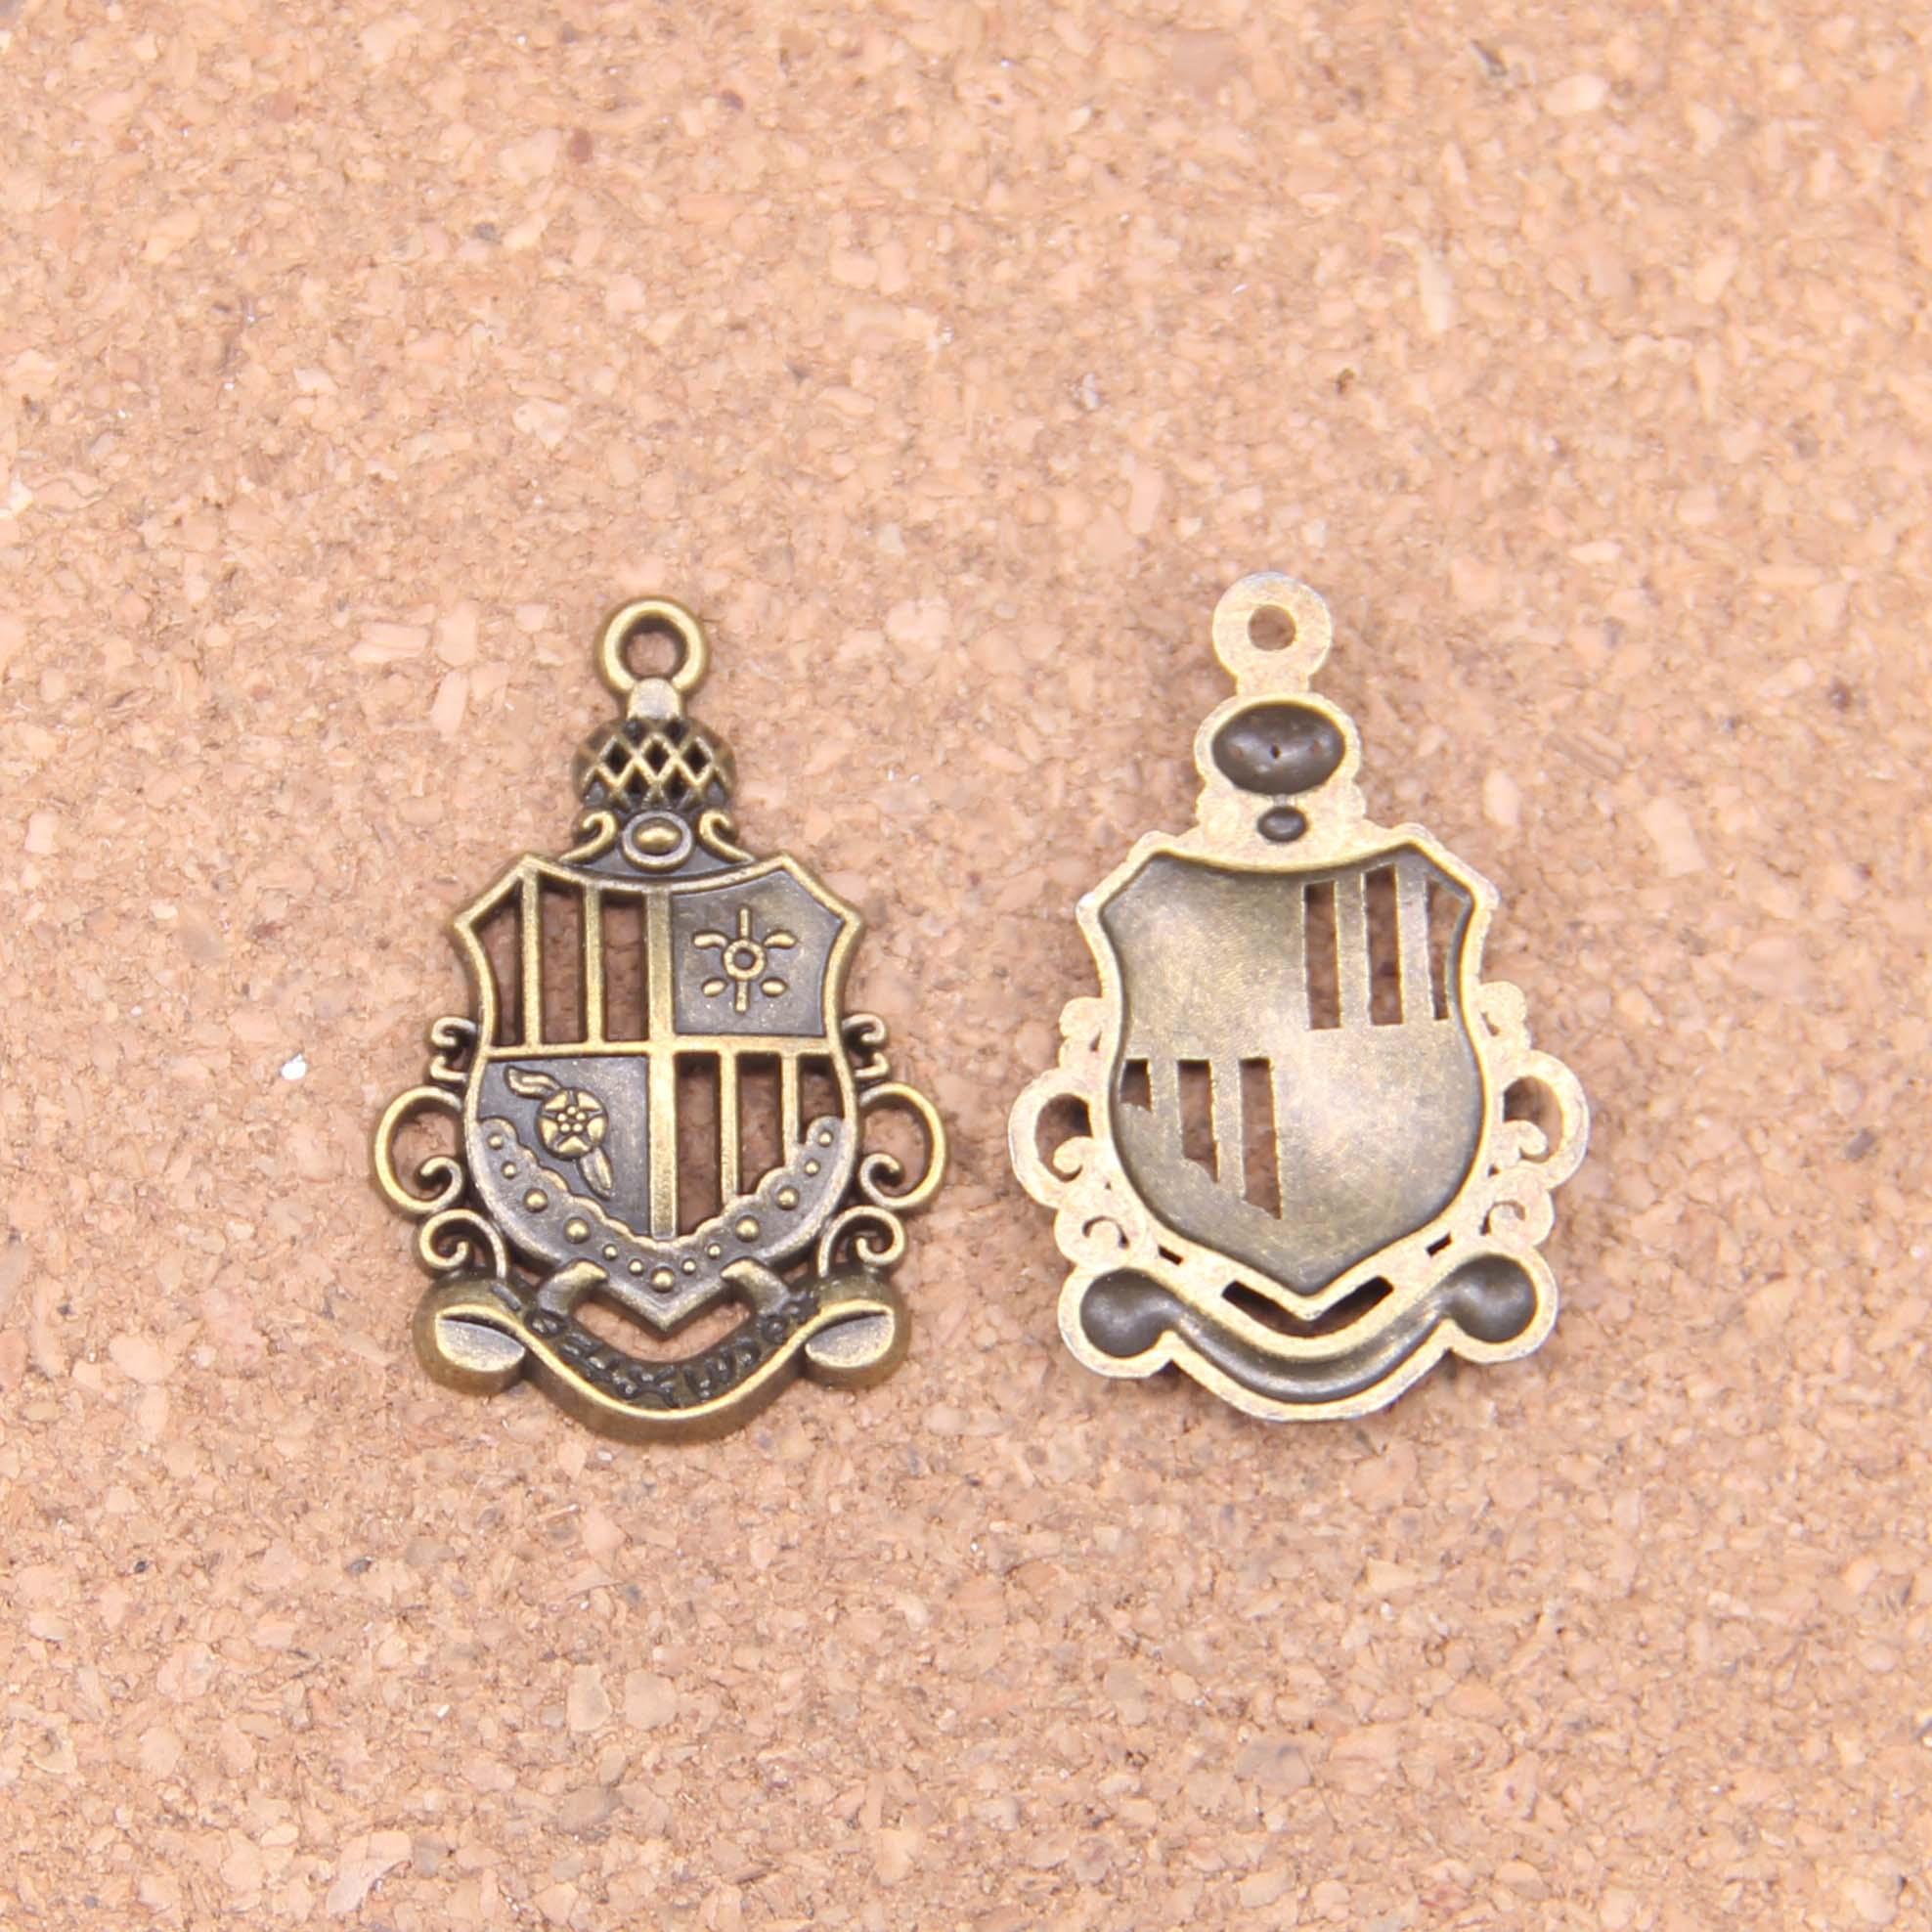 14 pçs encantos império medalha de honra 28x19mm pingentes antigos, jóias de bronze do vintage, diy para pulseira colar